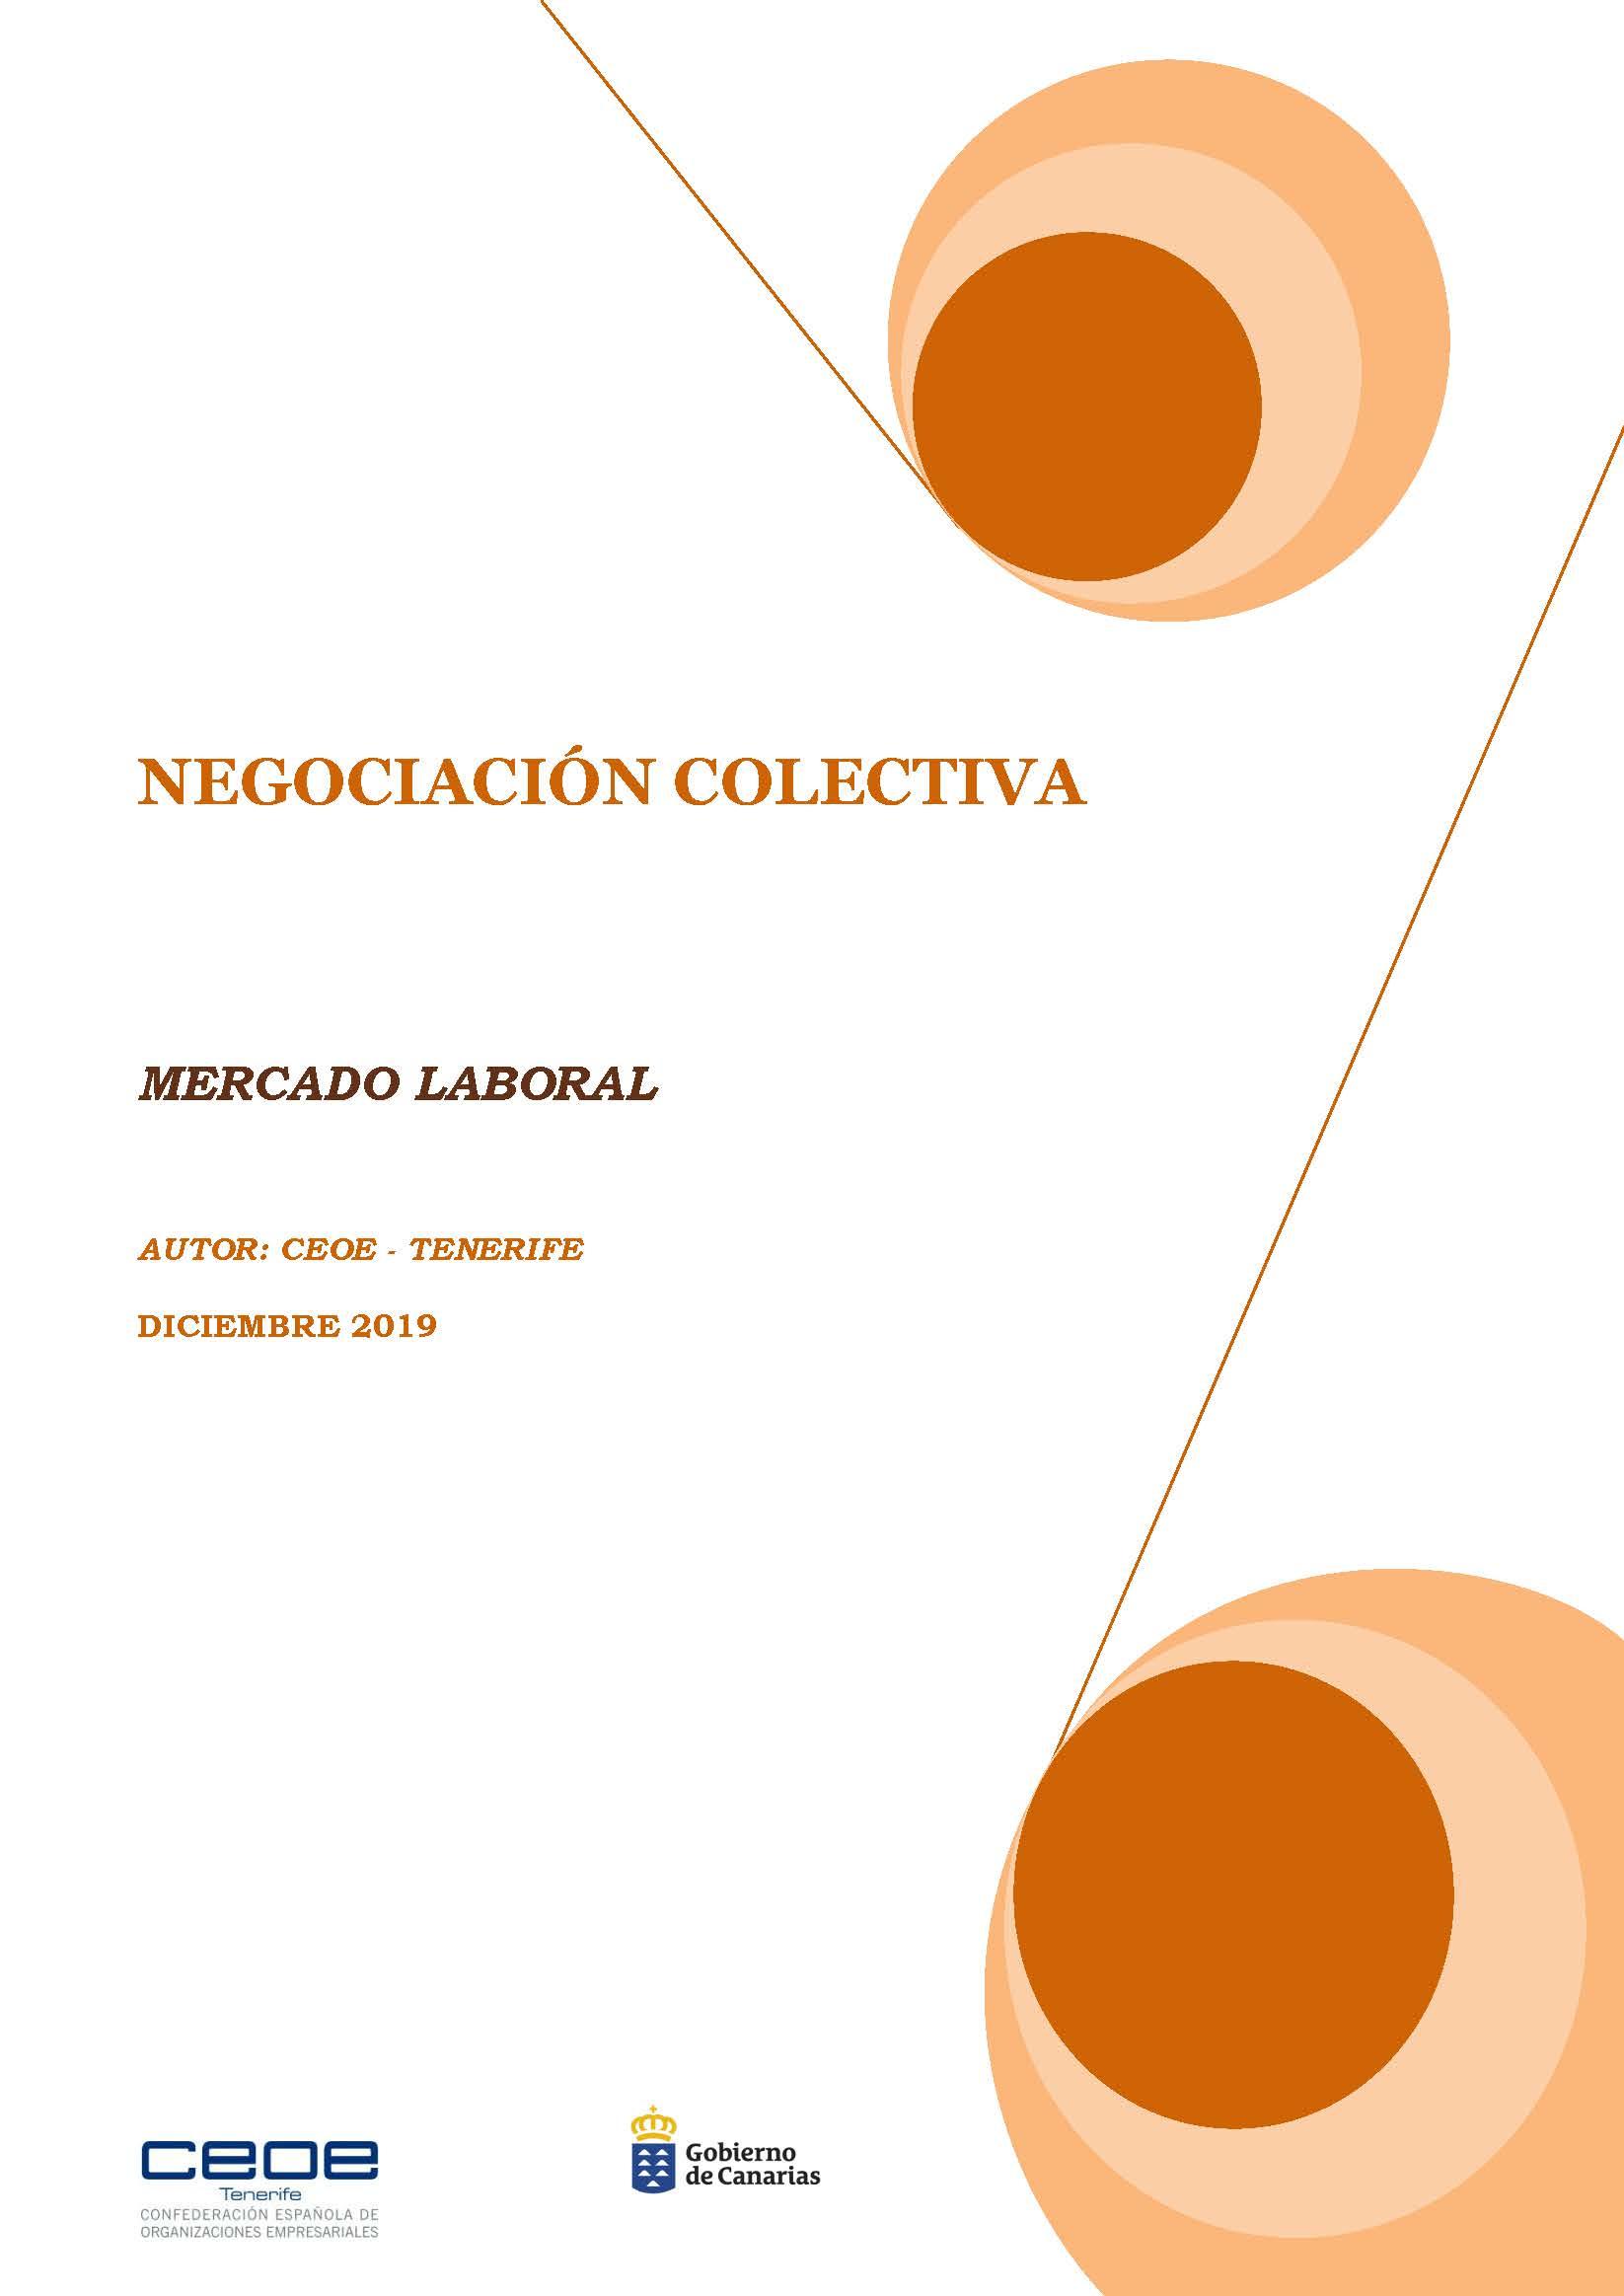 MERCADO LABORAL - NEGOCIACION COLECTIVA DIC 2019